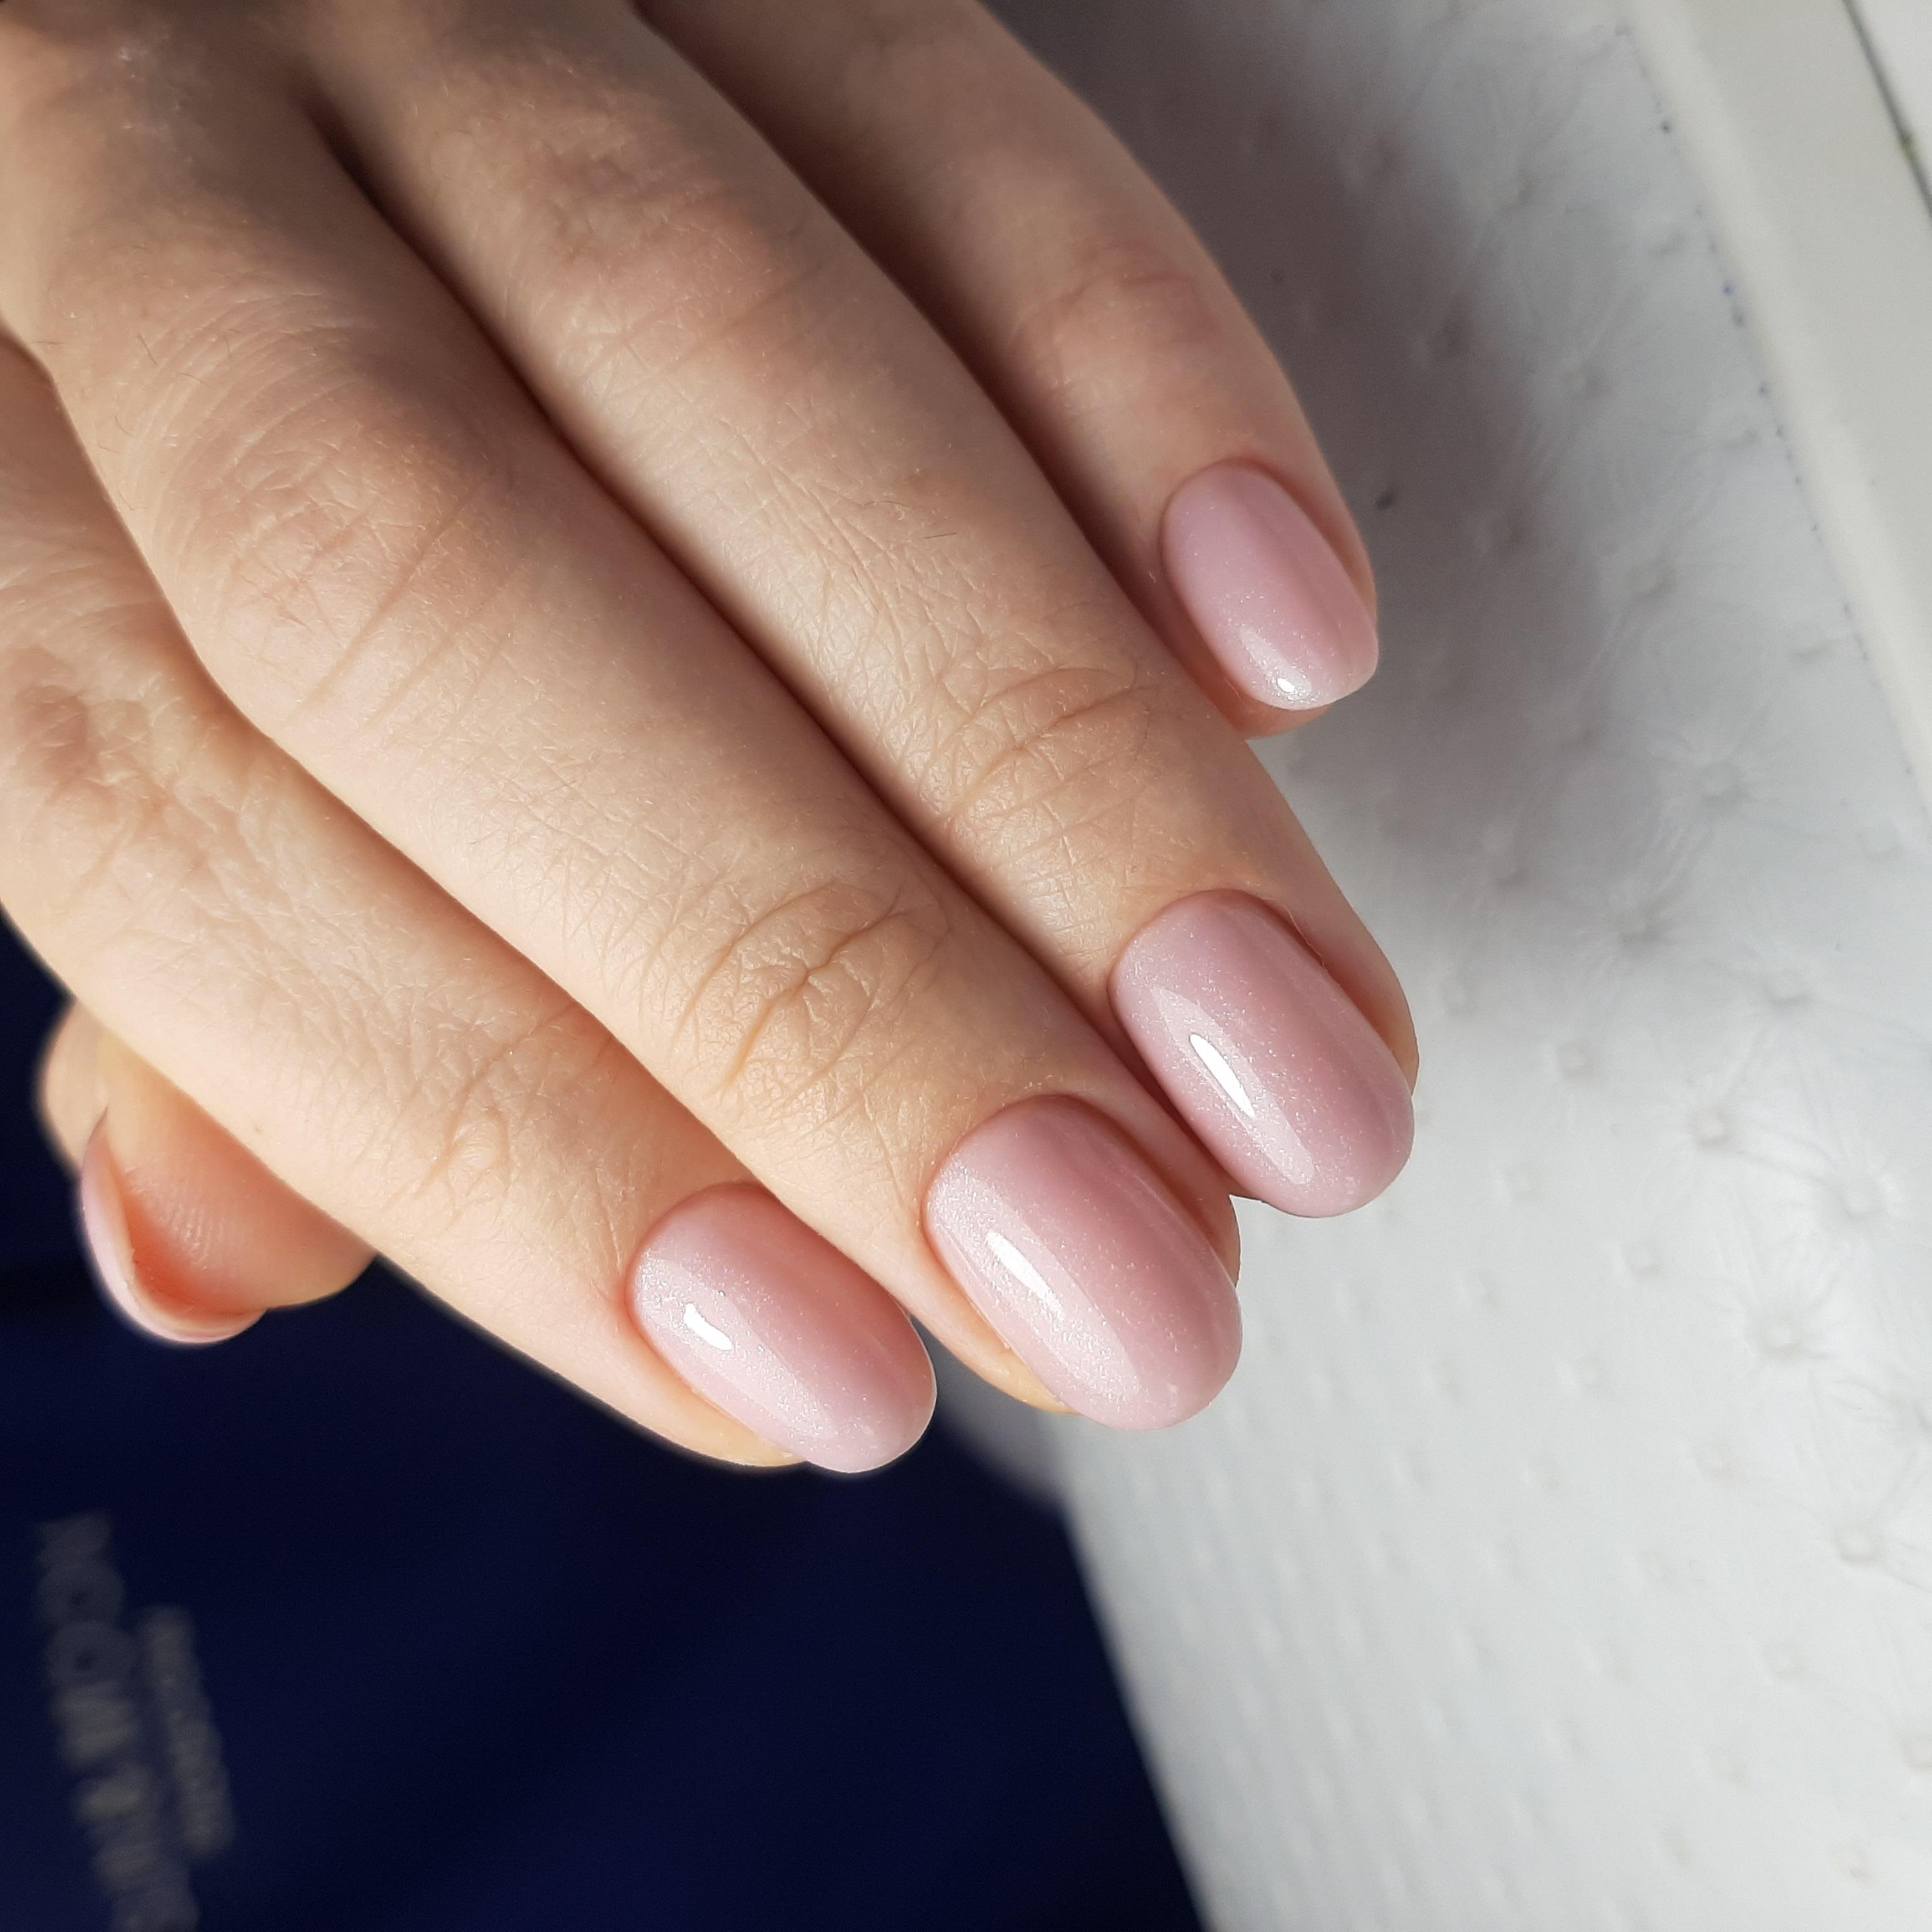 Нюдовый глянцевый однотонный маникюр в нежном розовом цвете.